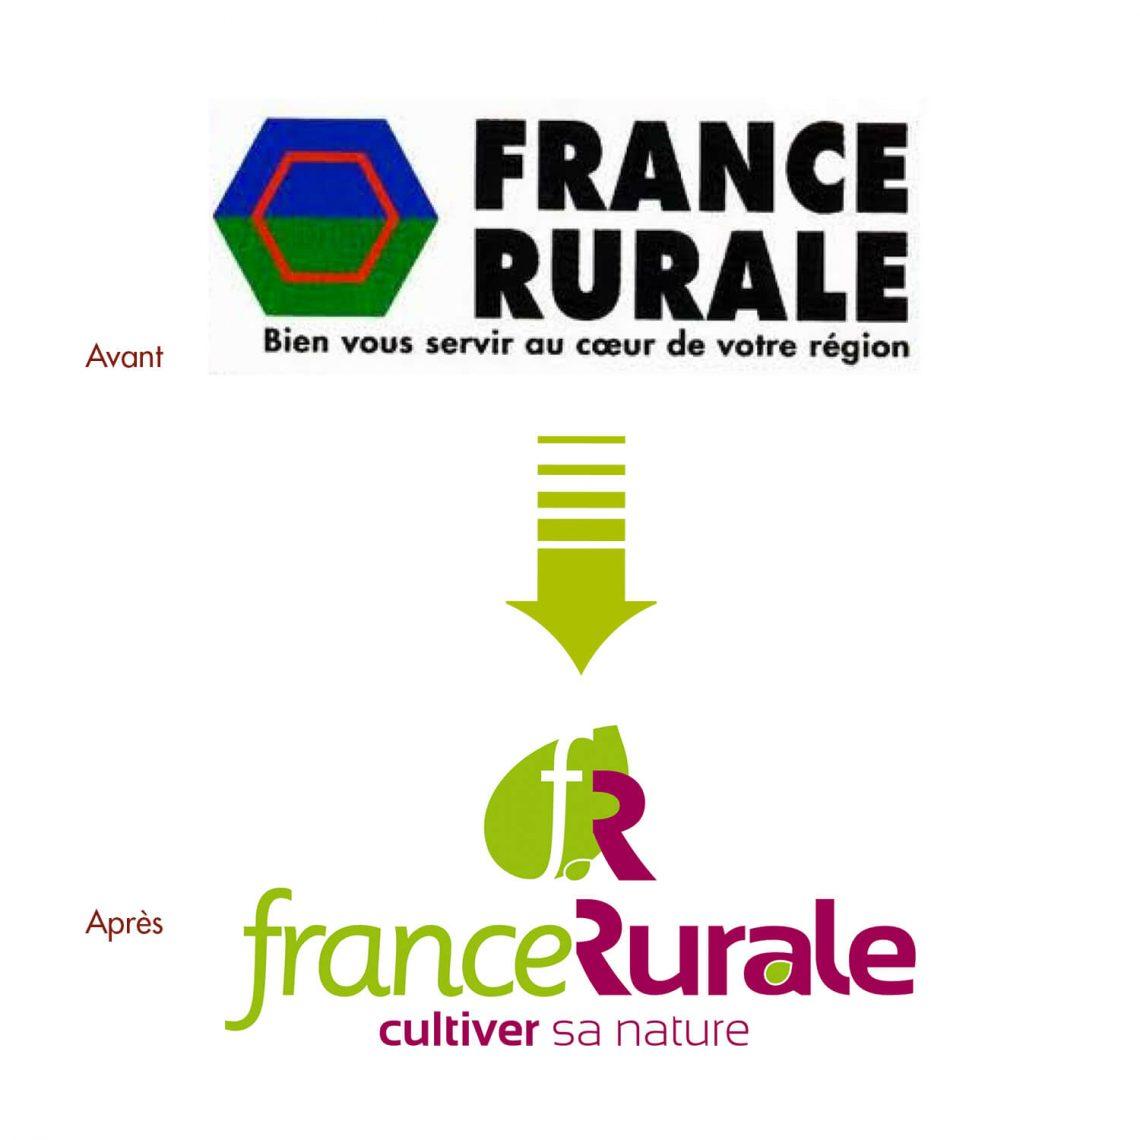 identité visuelle de France Rurale part l'agence de communication IS COMMUNICATION